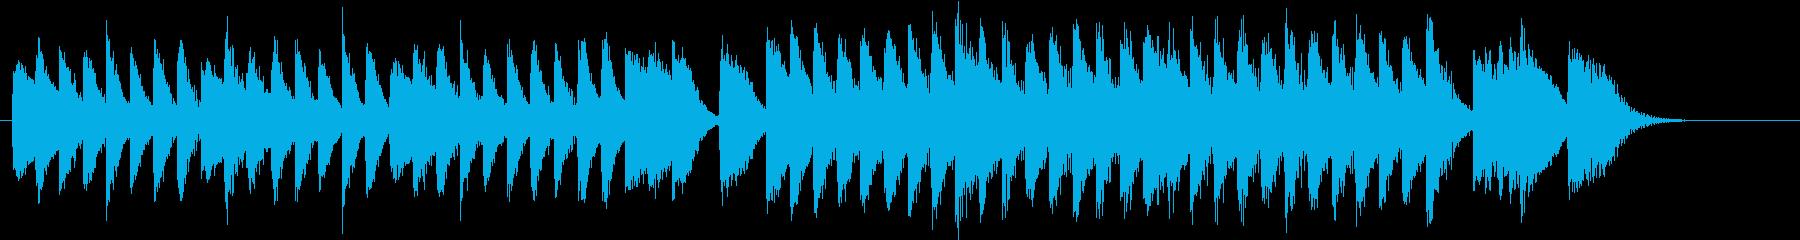 ワンパクなメロディの面白いピアノジングルの再生済みの波形